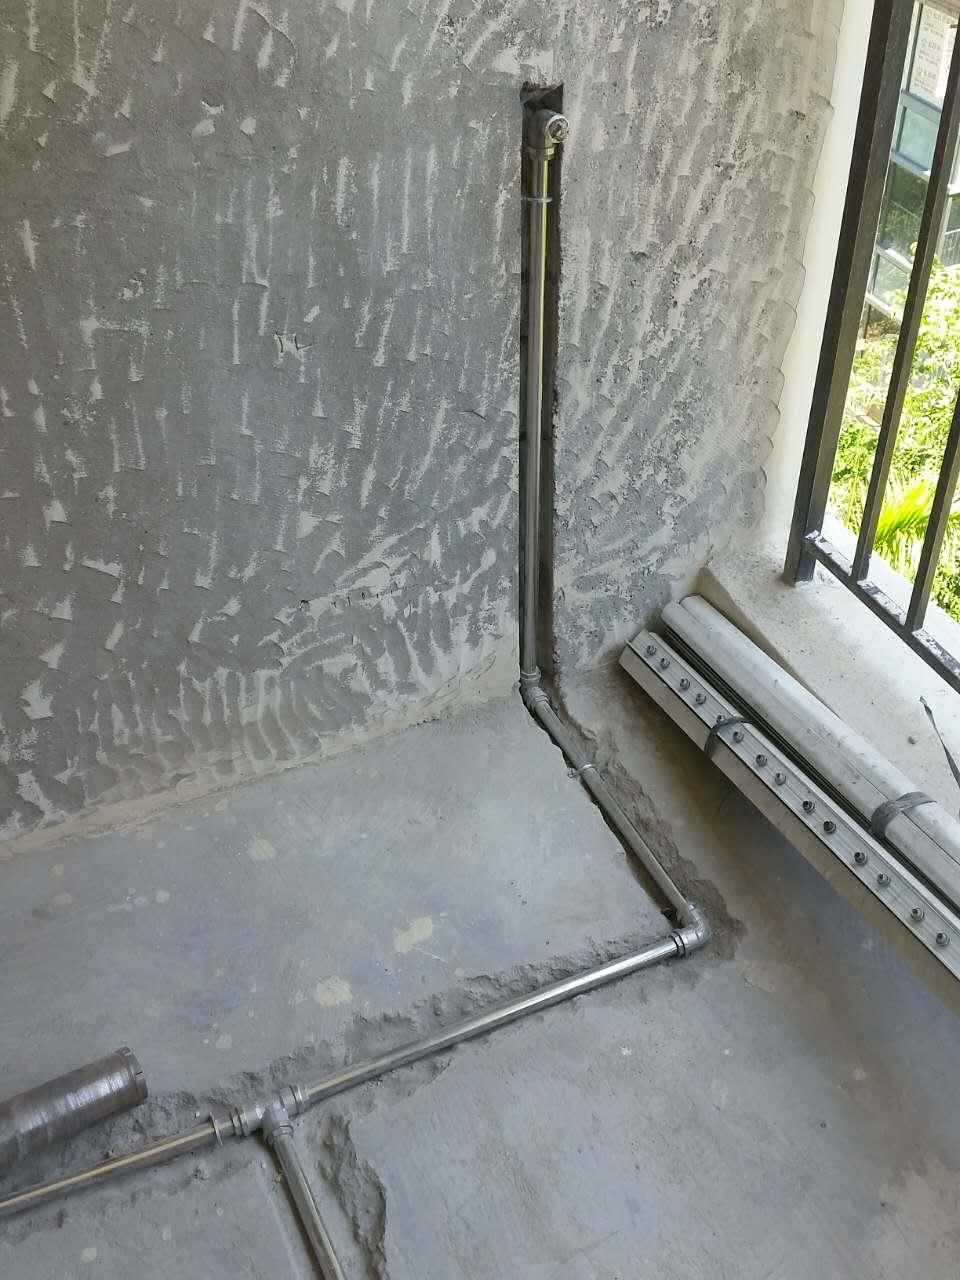 南宁不锈钢水管安装 金时通水思维舒适家居体验中心,融合了金时通家装不锈钢管道系统、家居冷热水系统、家居中央净水系统、家居地暖系统及新风系统的集成展示。为广西地区广大用户提供国内领先的舒适家居系统解决方案。五星级的安装售后服务,在广西地区内安装不锈钢家装水管,有专业设计师免费设计水路图,有专业的安装师傅上门安装管道,确保高值高效完成施工,现场试压,现场拍摄管路布局图,上传到官网,客户可登陆我们的官方网站查询下载管路布局图。管道系统终身免费保用,客服人员每年会定期回访客户,确保管道系统安全运行,保障客户家居终